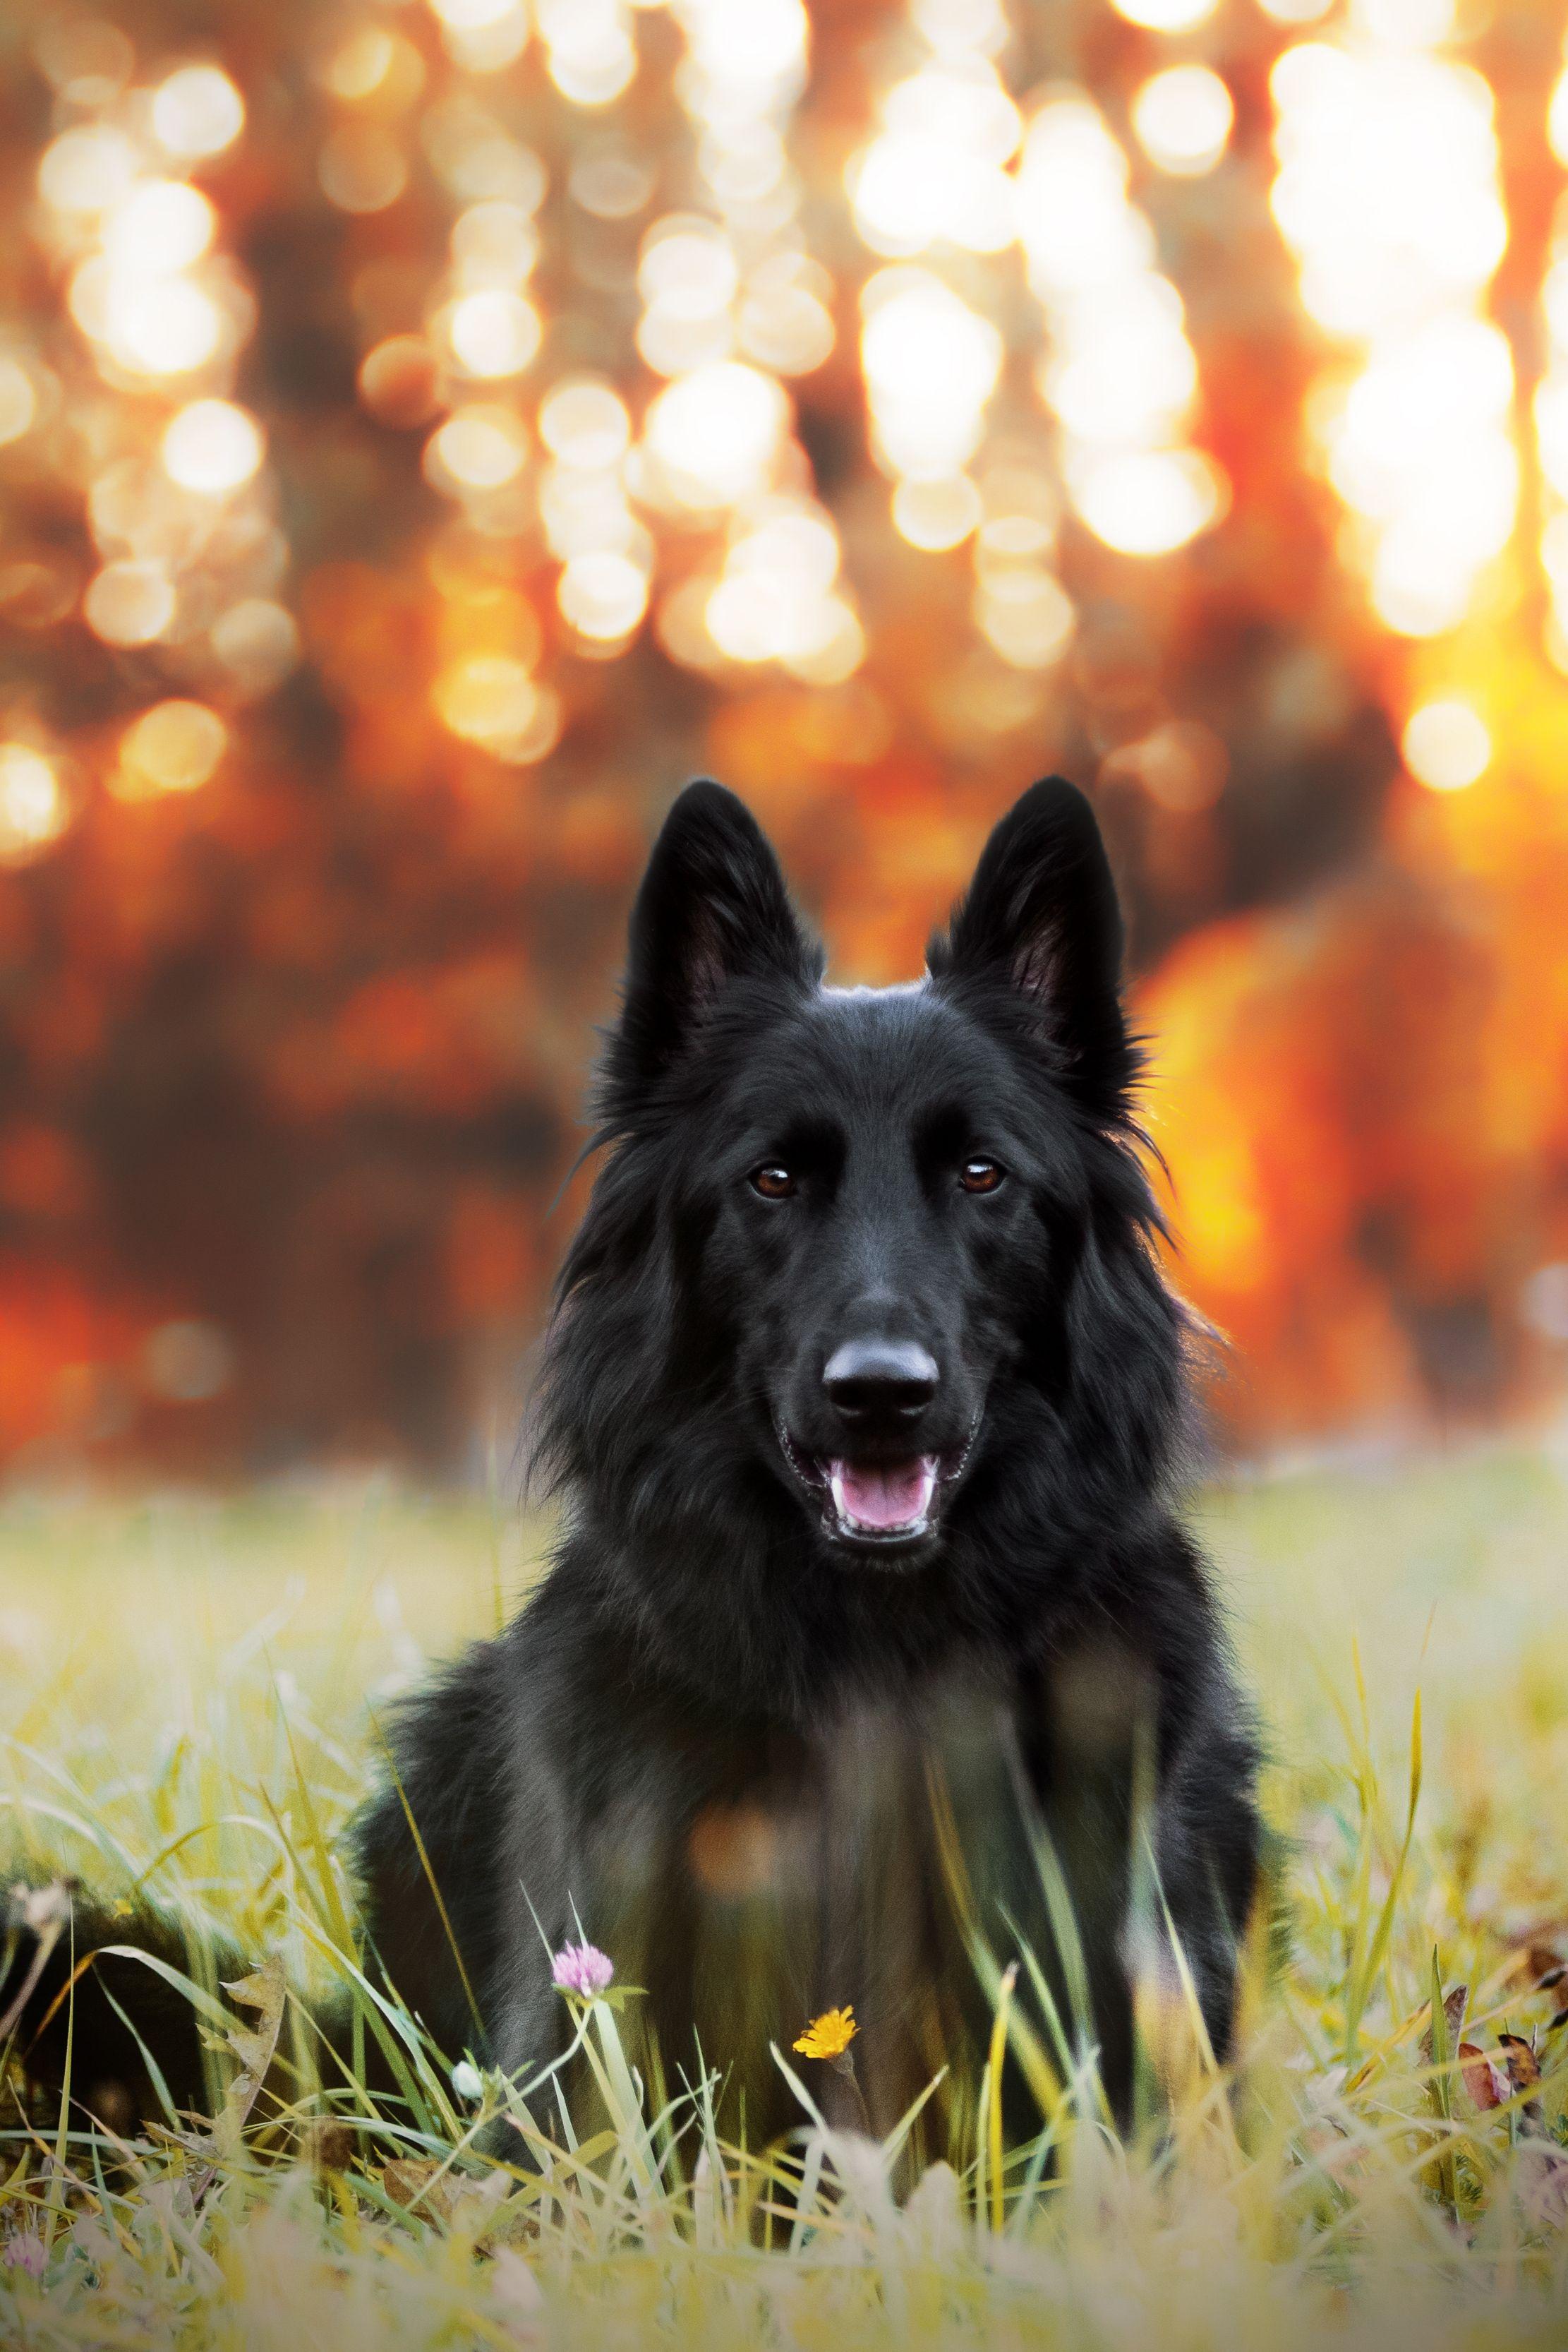 Tierfotograf Finden Preise Vergleichen In 2020 Tierfotografie Hunde Fotos Hundefotos